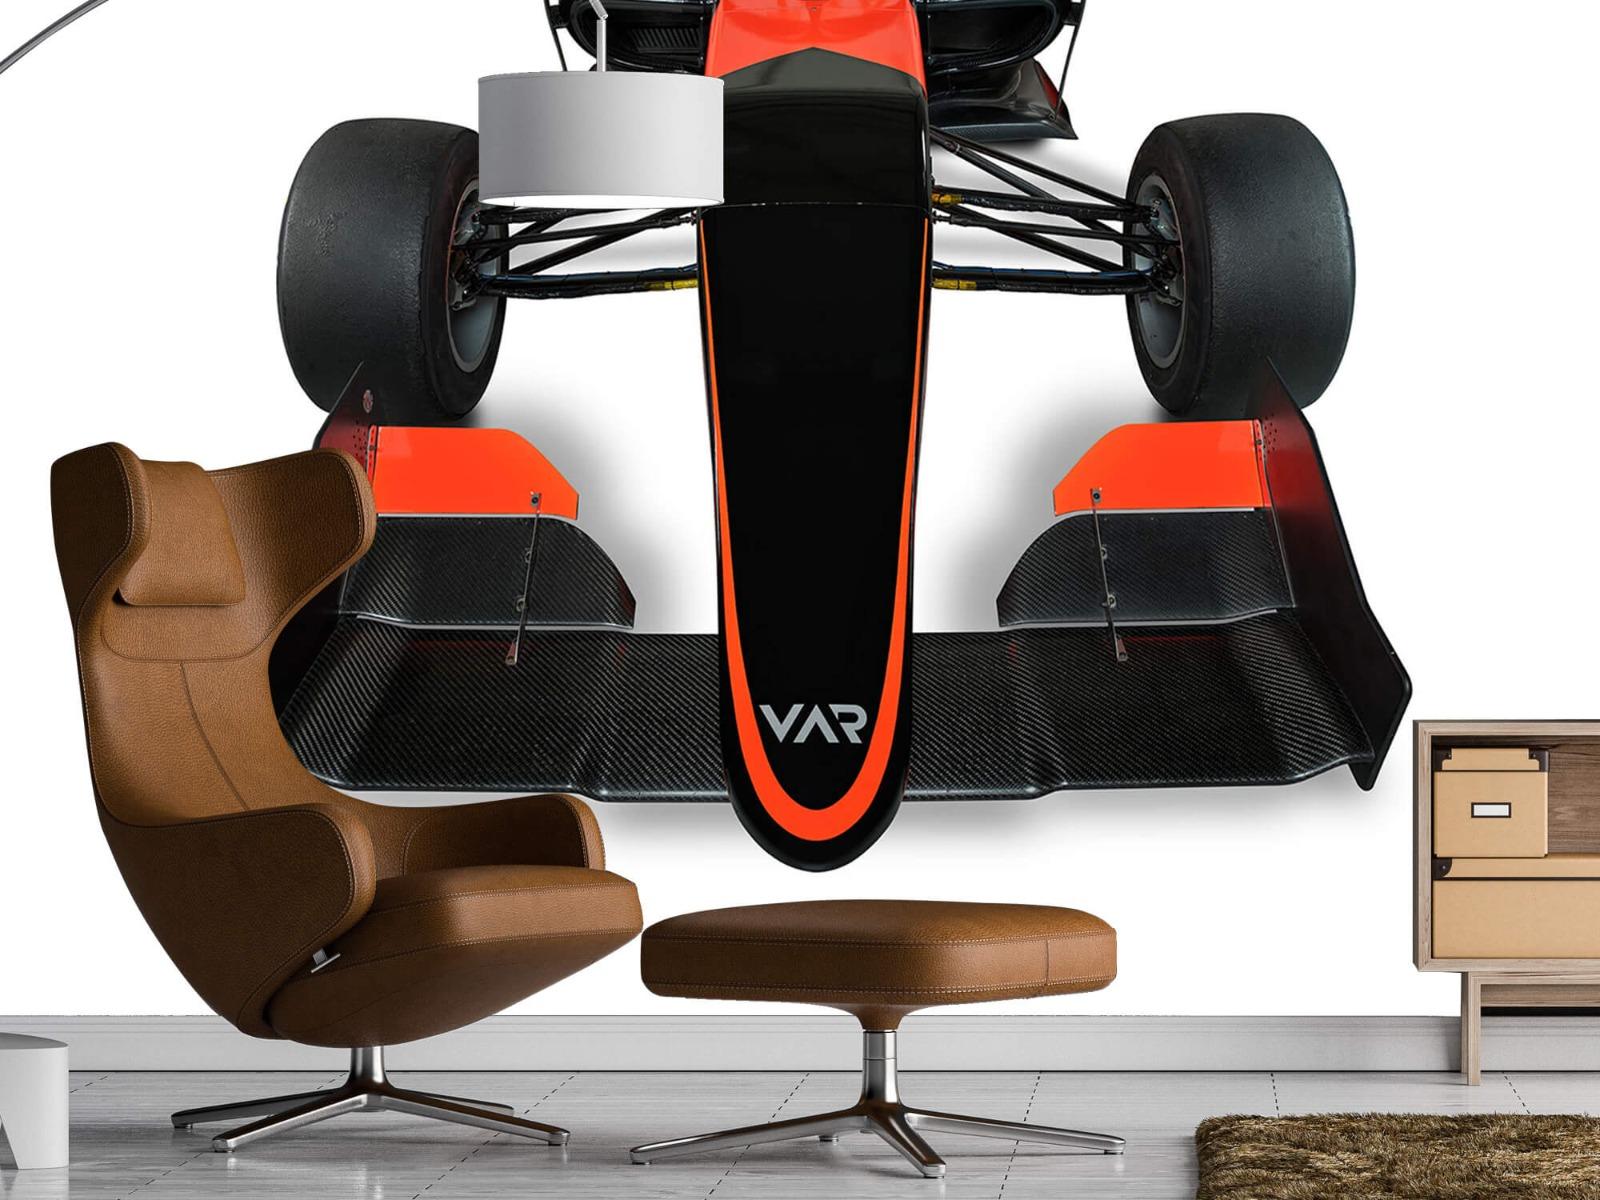 Sportauto's - Formule 3 - Front view - Computerruimte 19